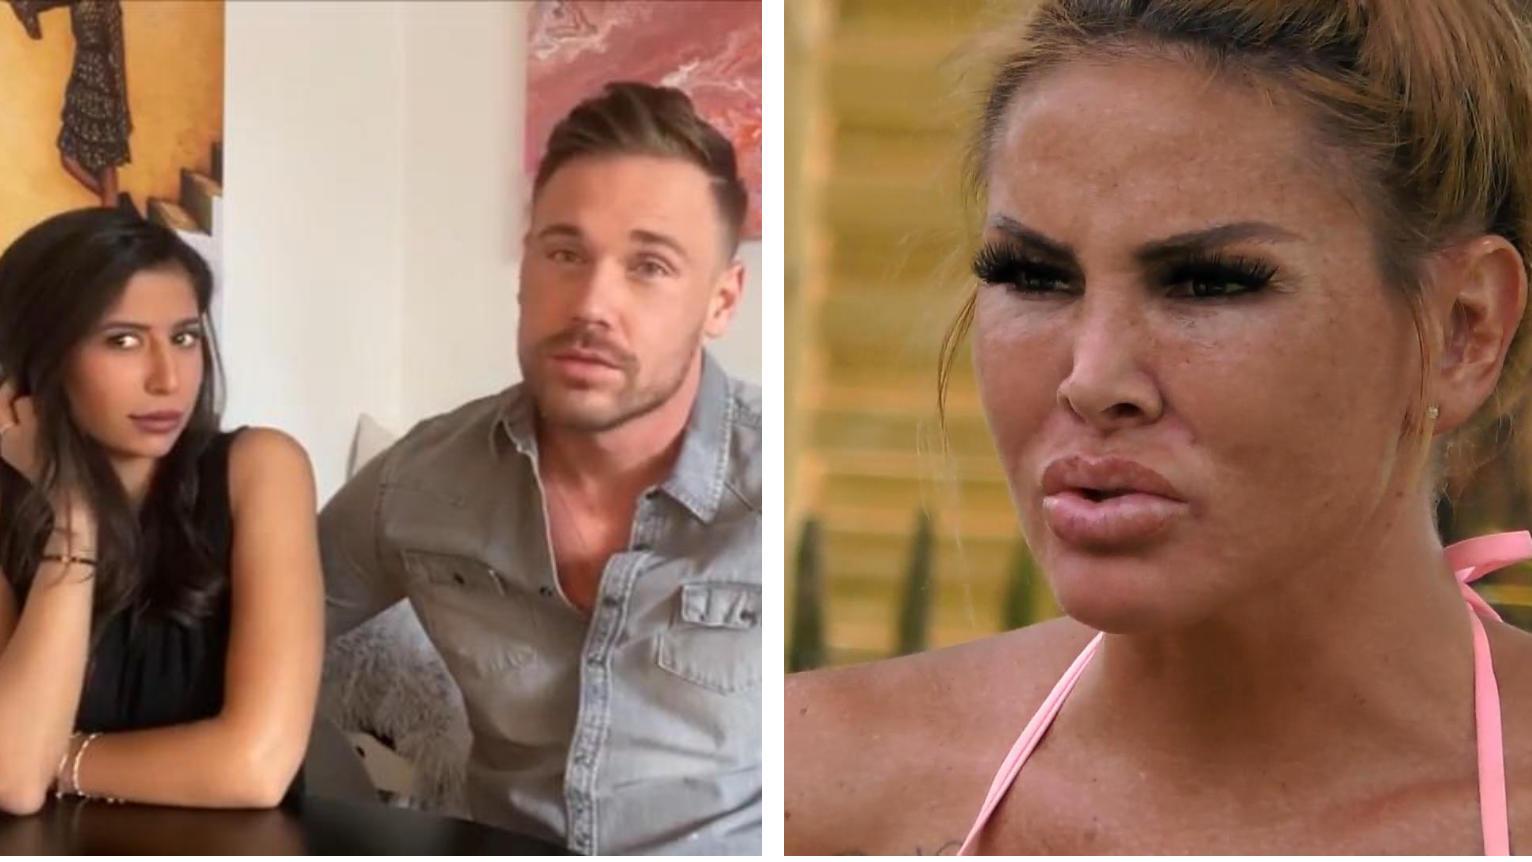 Lisha (rechts) lässt kein gutes Haar an Chris Broy, der sich von Eva Benetatou getrennt hat